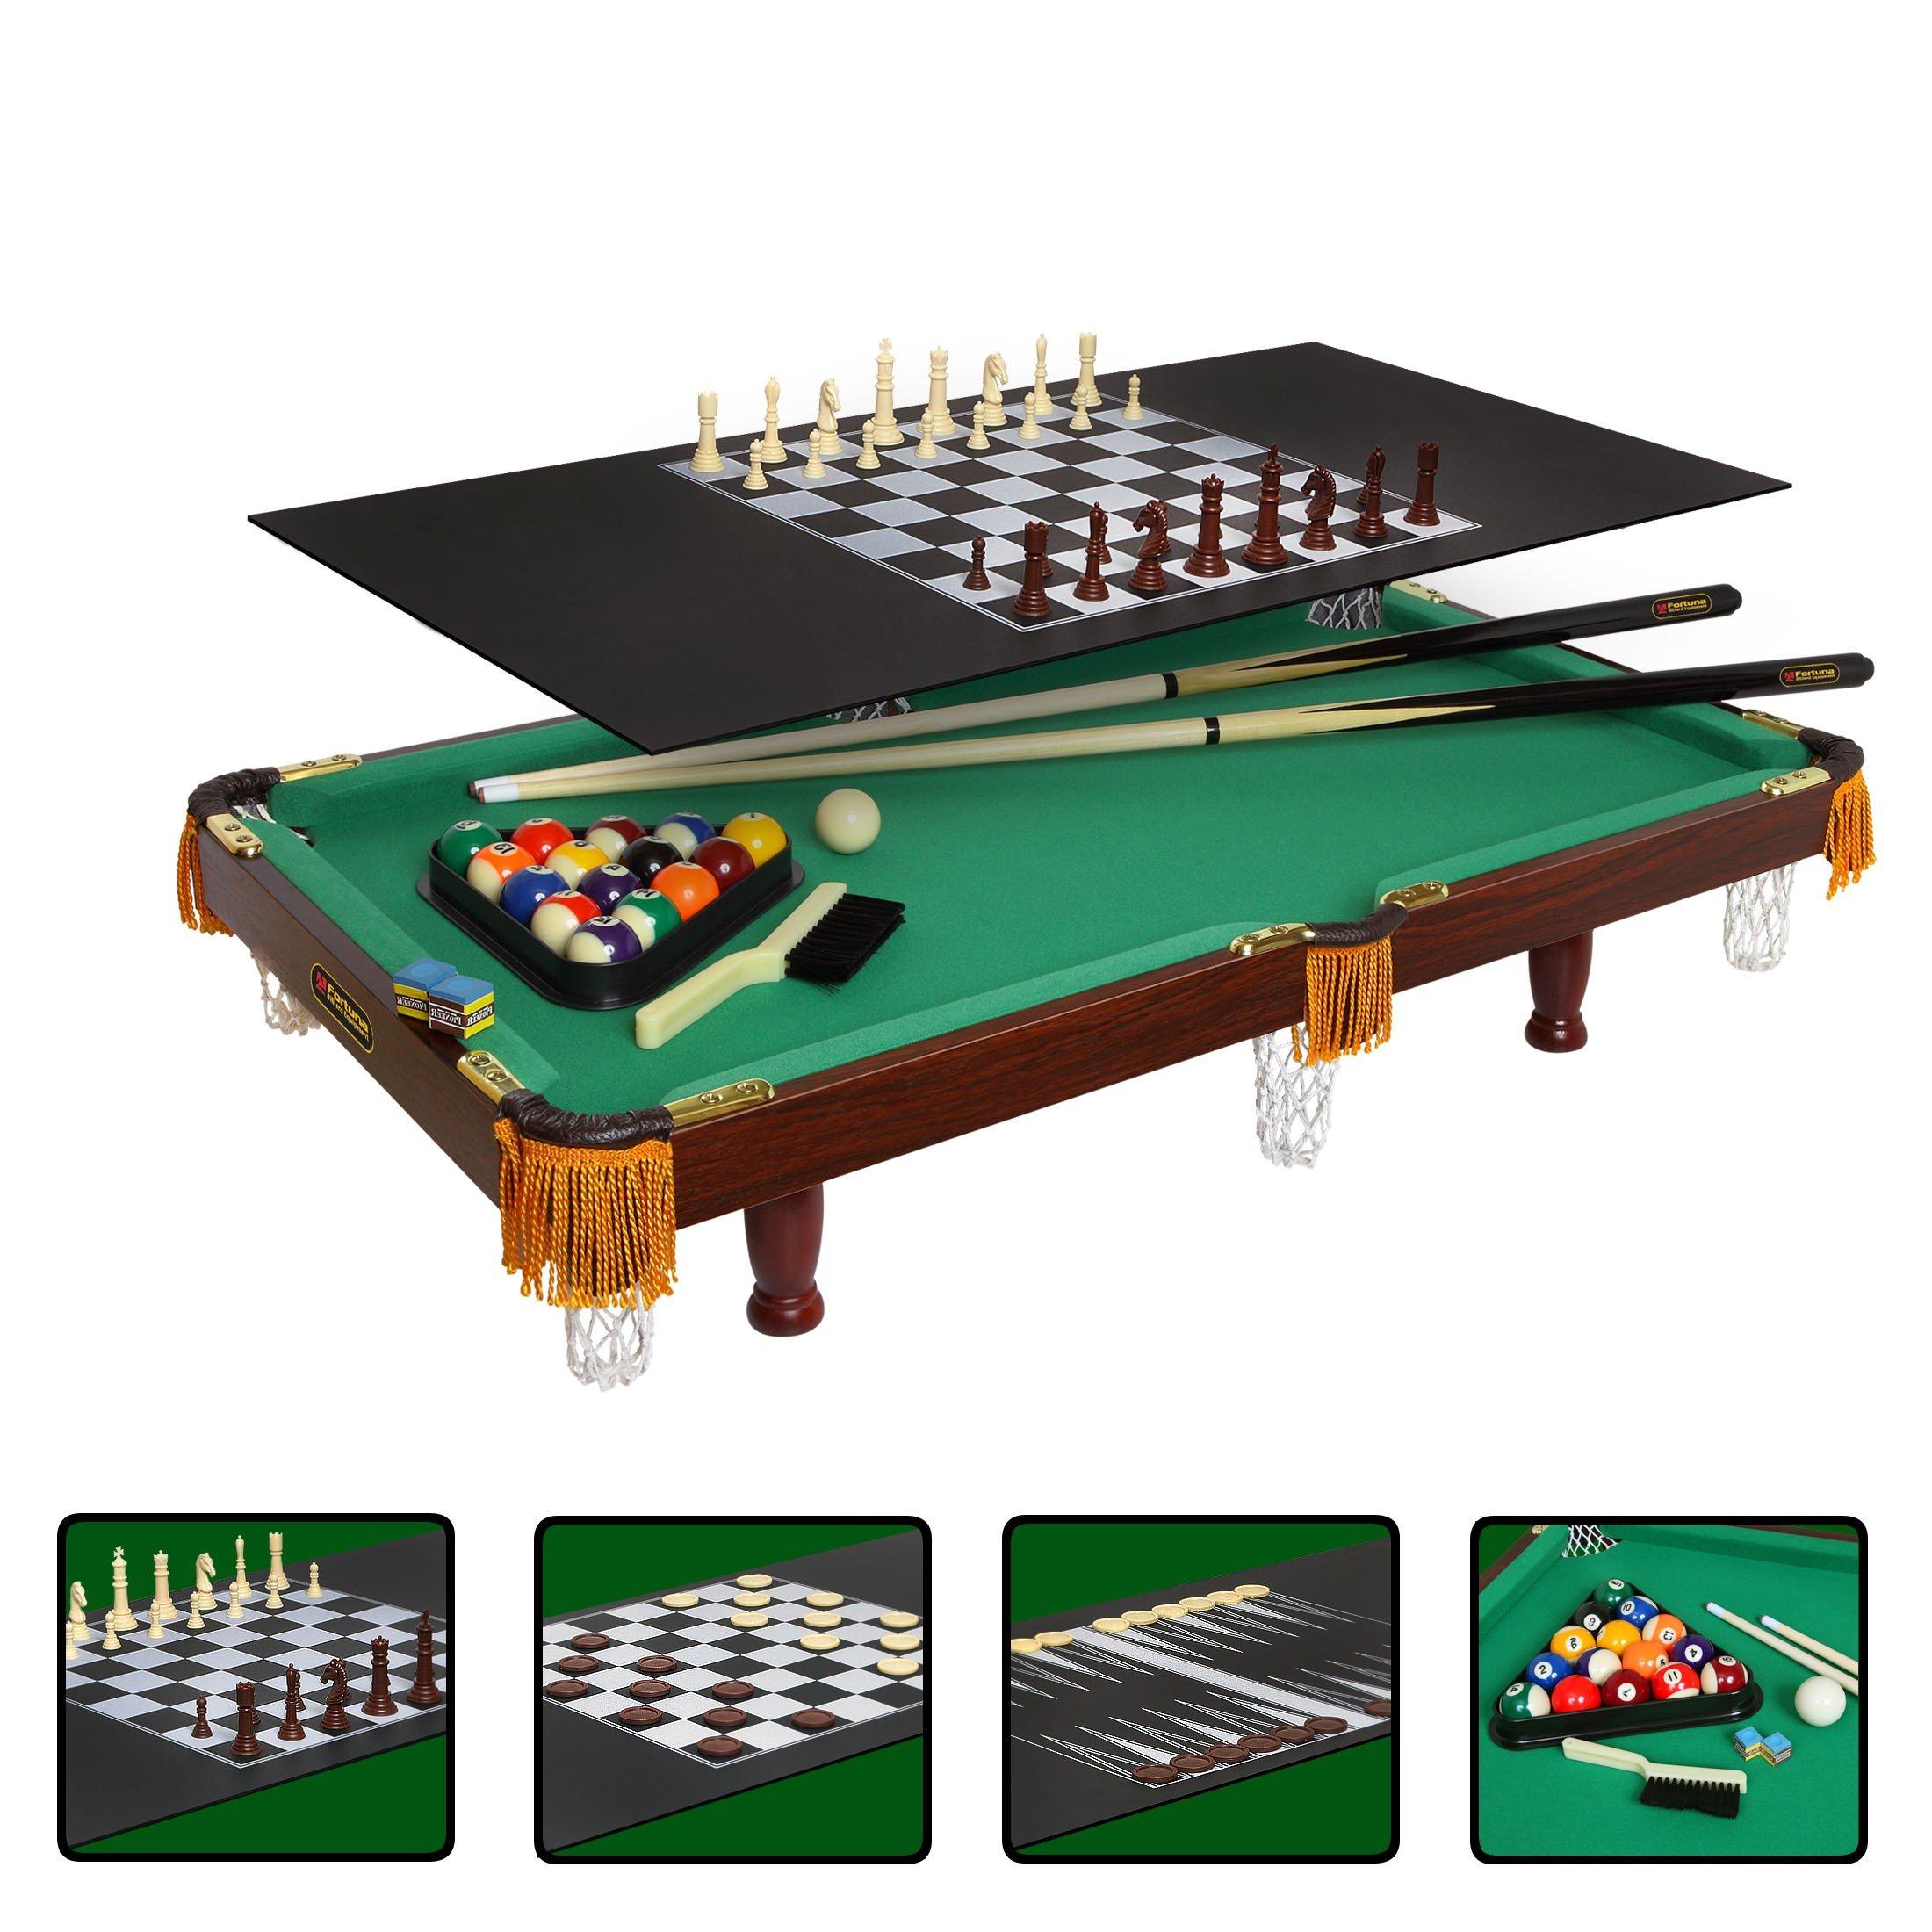 Многофункциональный стол «Fortuna - 3 Фута», 4 игры в 1 (пул)